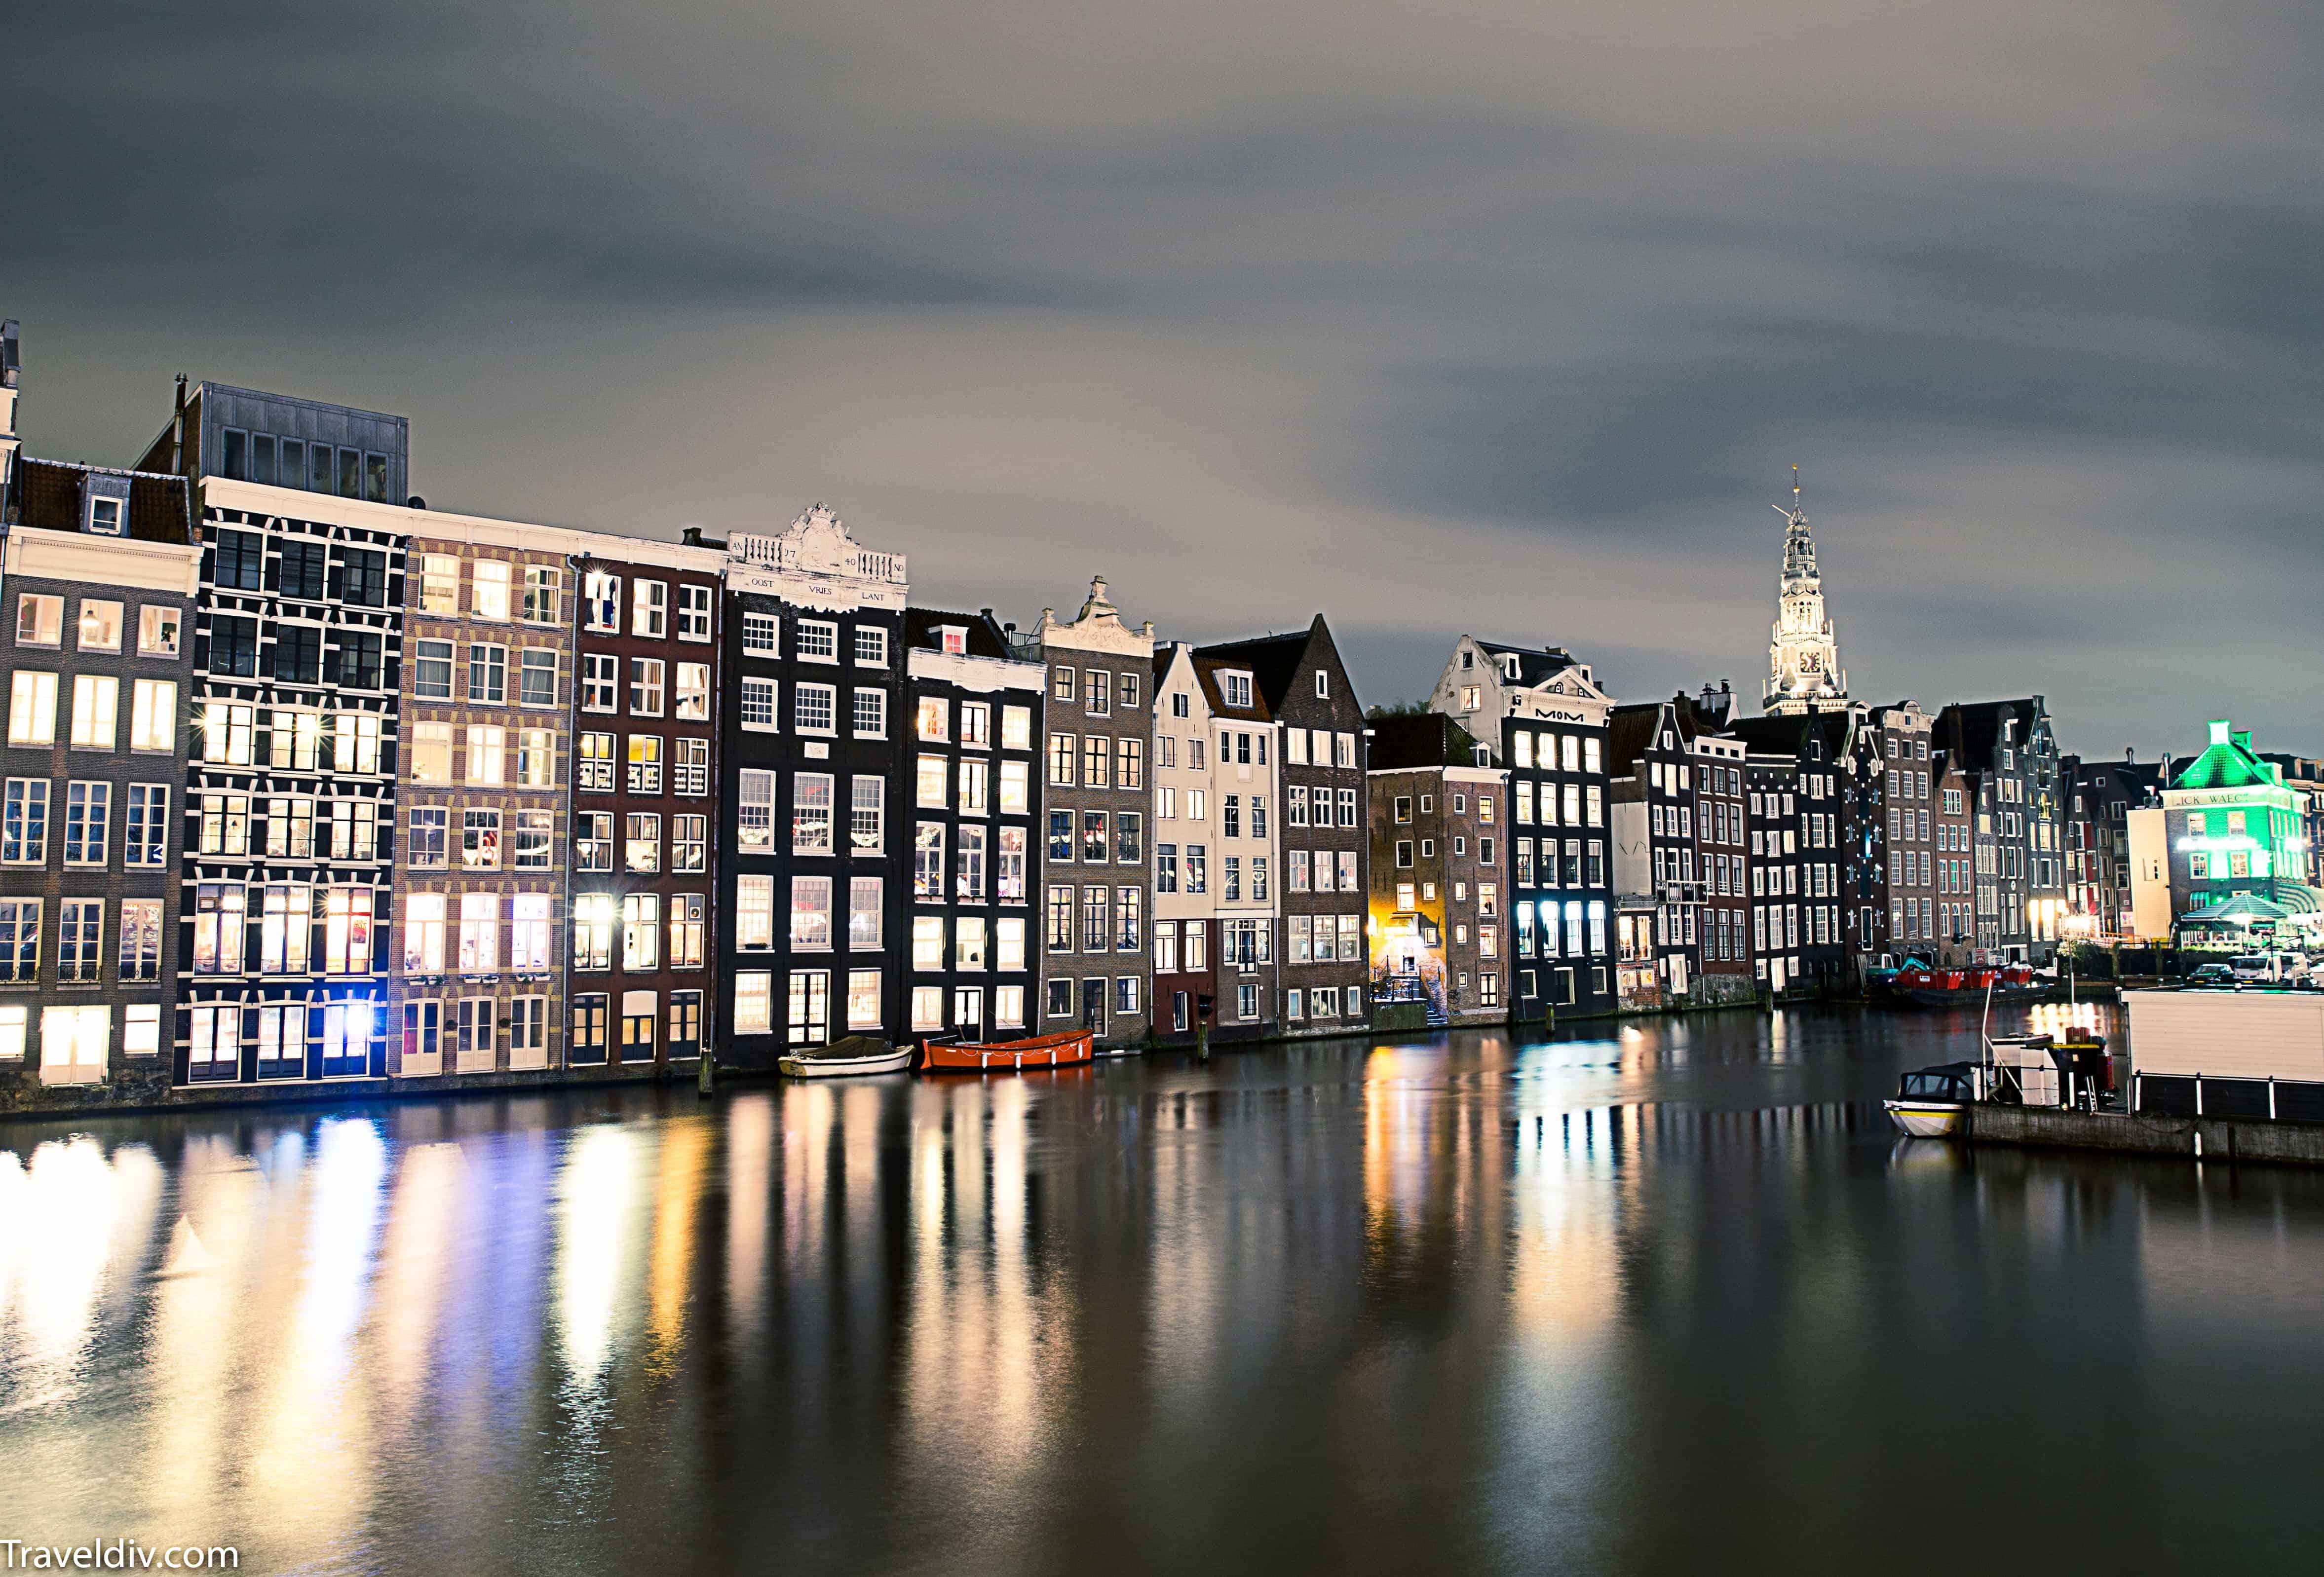 تقرير رحلتي الى امستردام مدينة الحب في هولندا مع جدول سياحي لسبعة